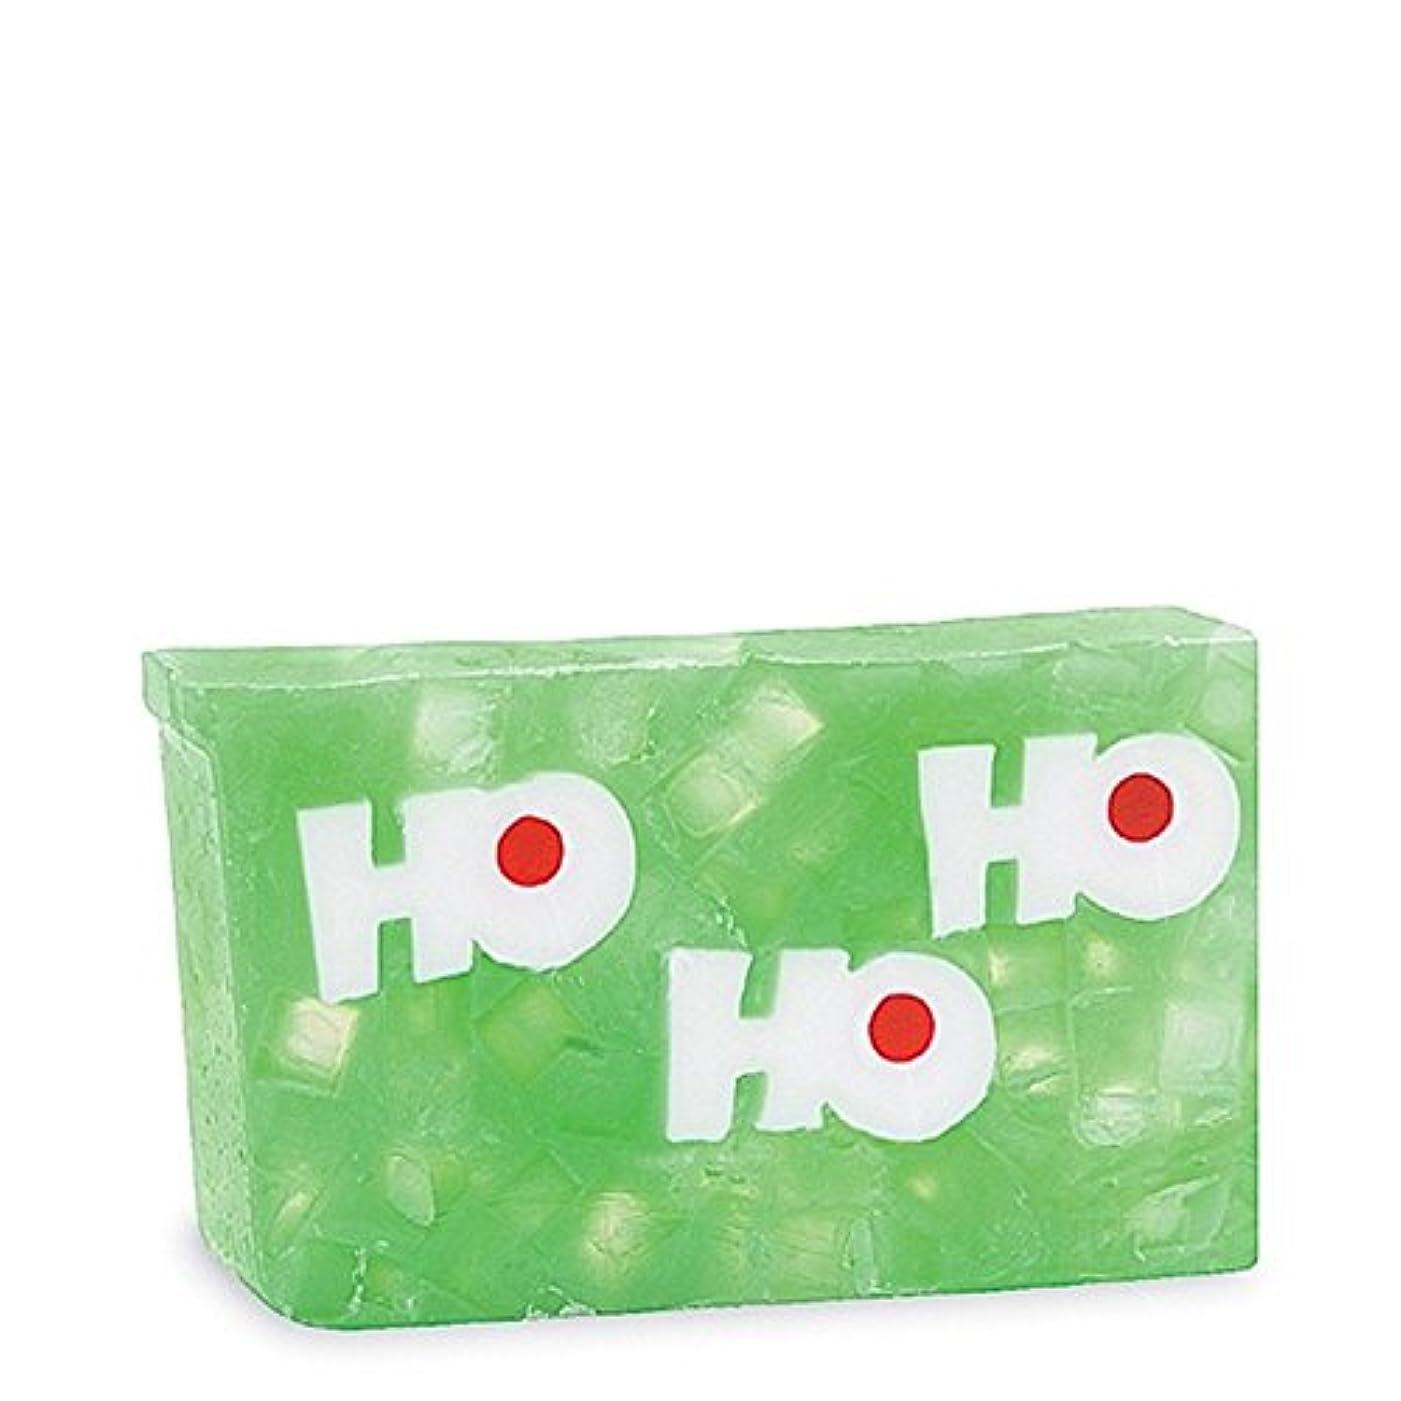 事前即席電話する原初の要素ホーホーホ石鹸 x4 - Primal Elements Ho Ho Ho Soap (Pack of 4) [並行輸入品]